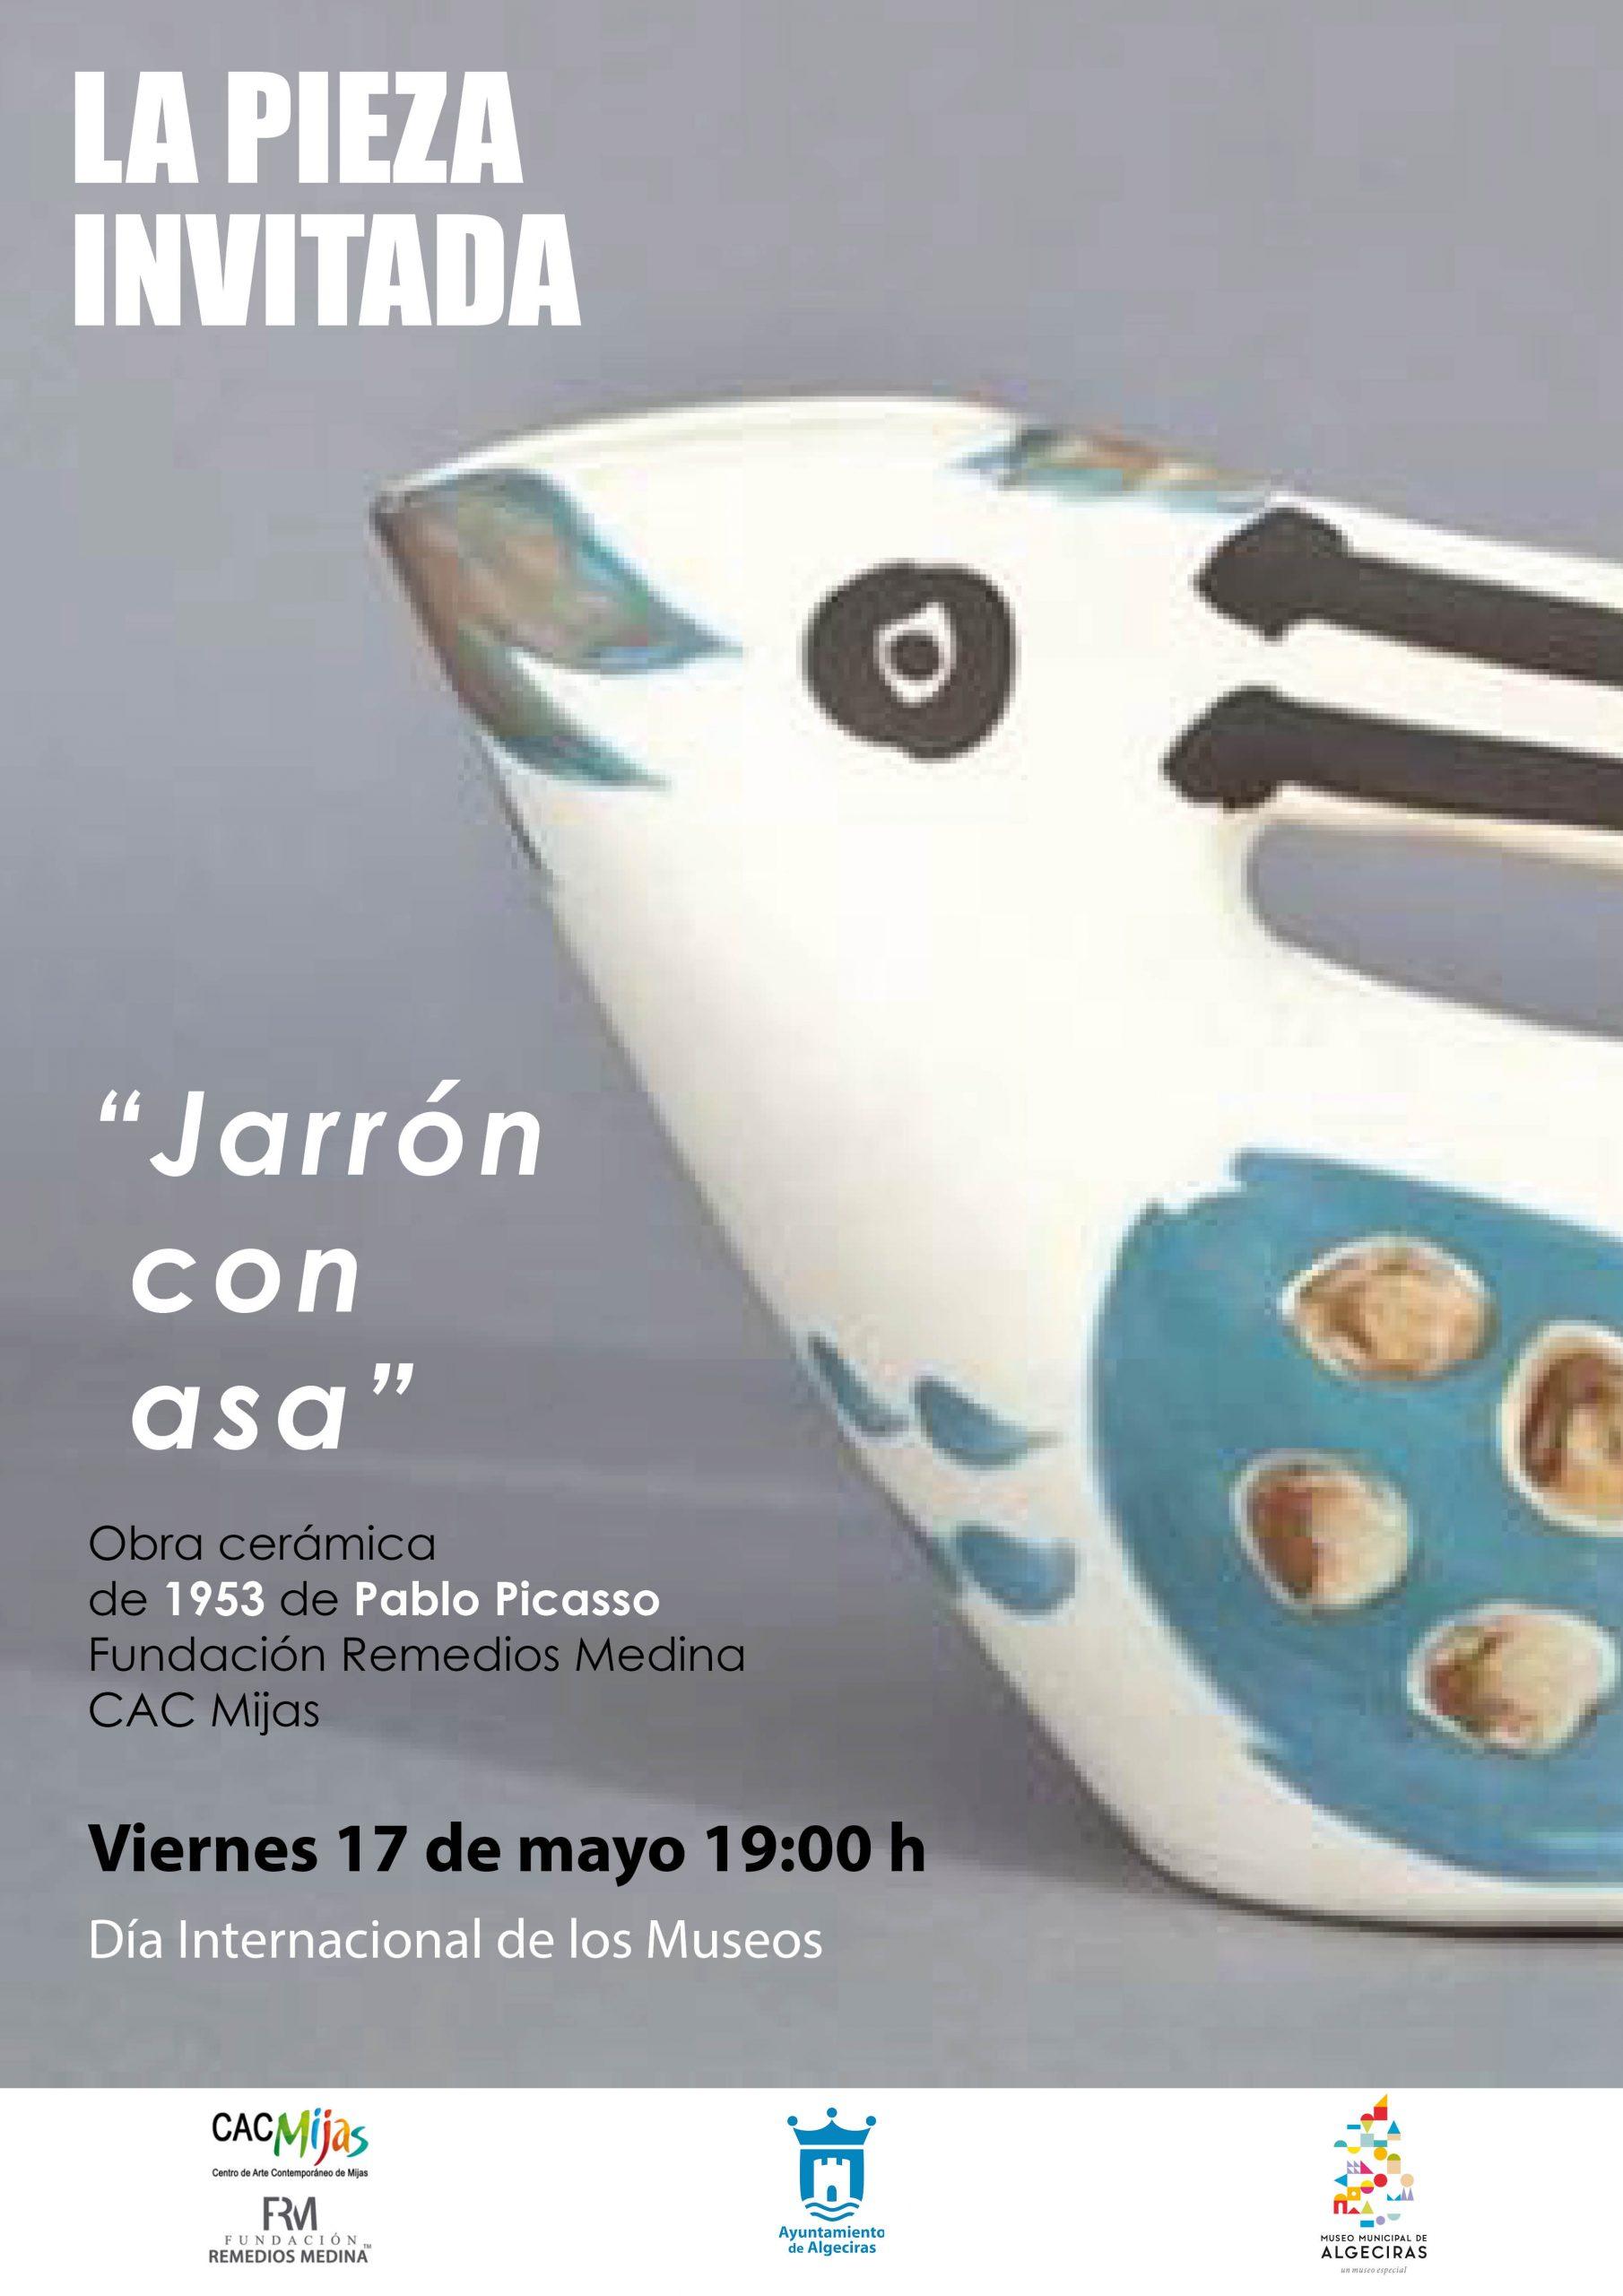 LA PIEZA INVITADA. DÍA INTERNACIONAL DE LOS MUSEOS